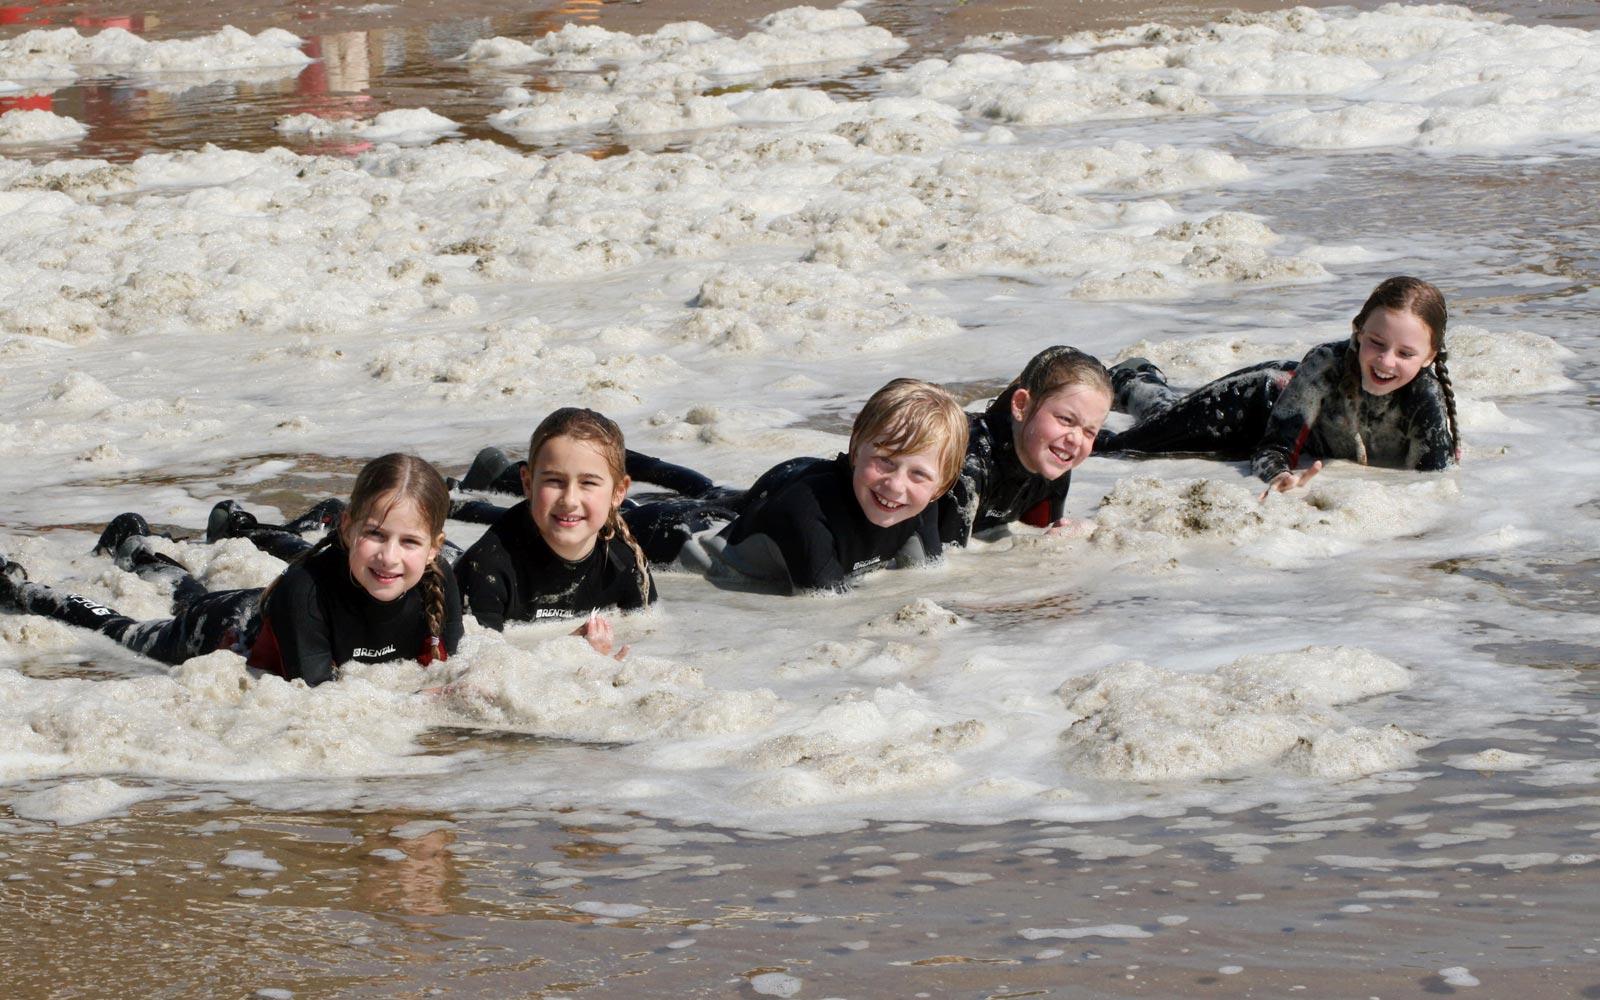 Tijdens de surflessen is er veel plezier